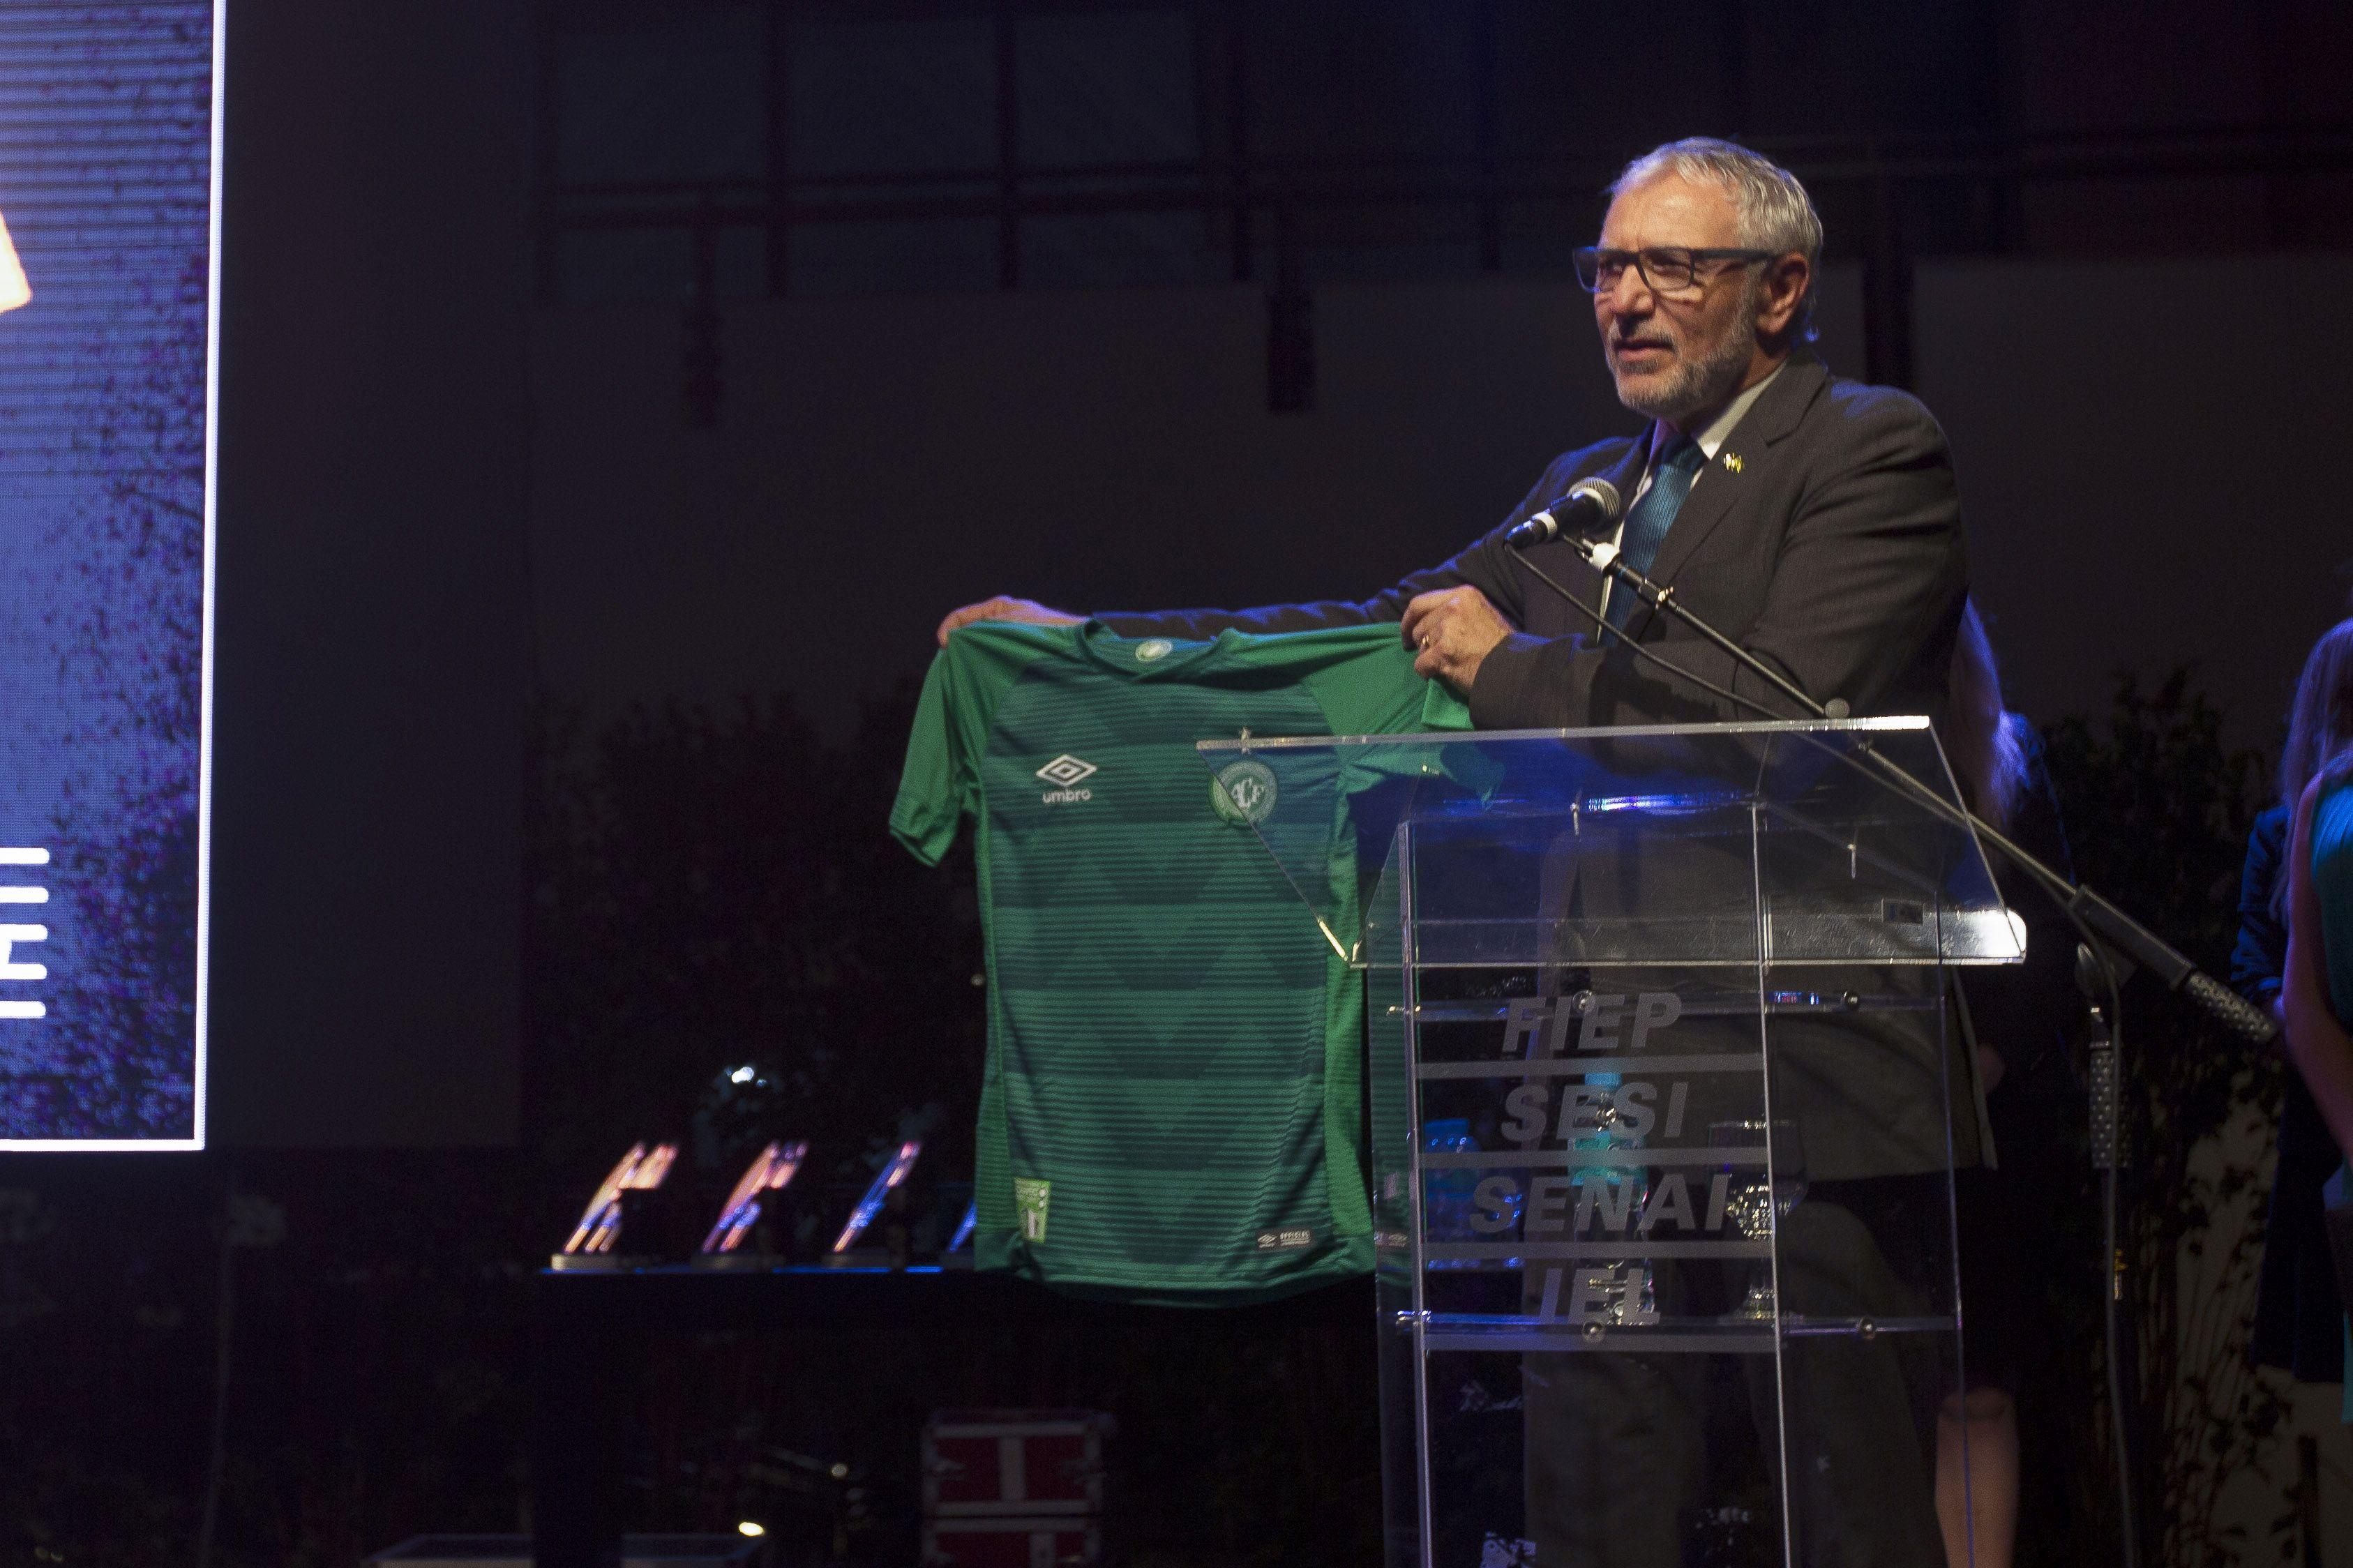 Presidente da Fiep homenageia time da Chapecoense